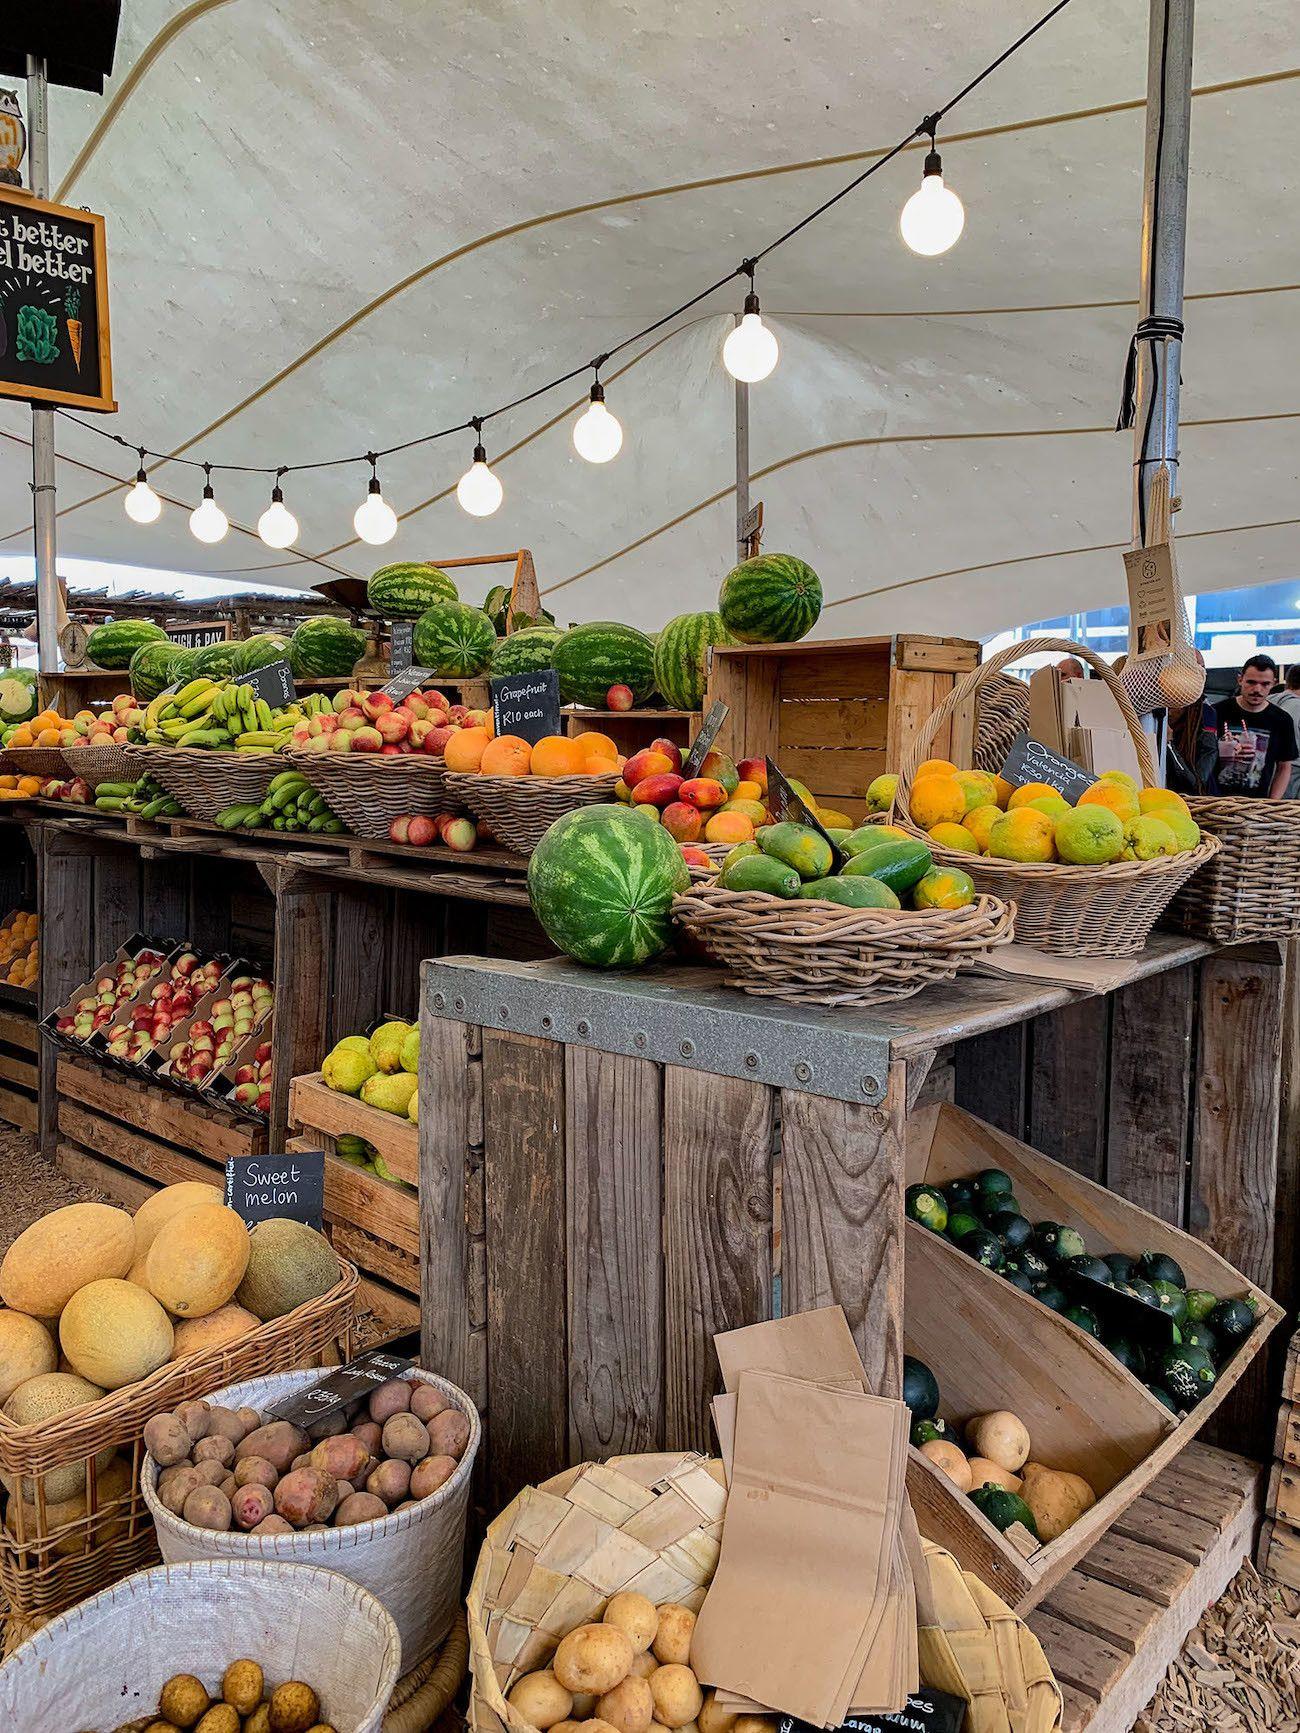 Frühstücks - und Brunch Guide für Kapstadt, Oranjezicht City Farm Market